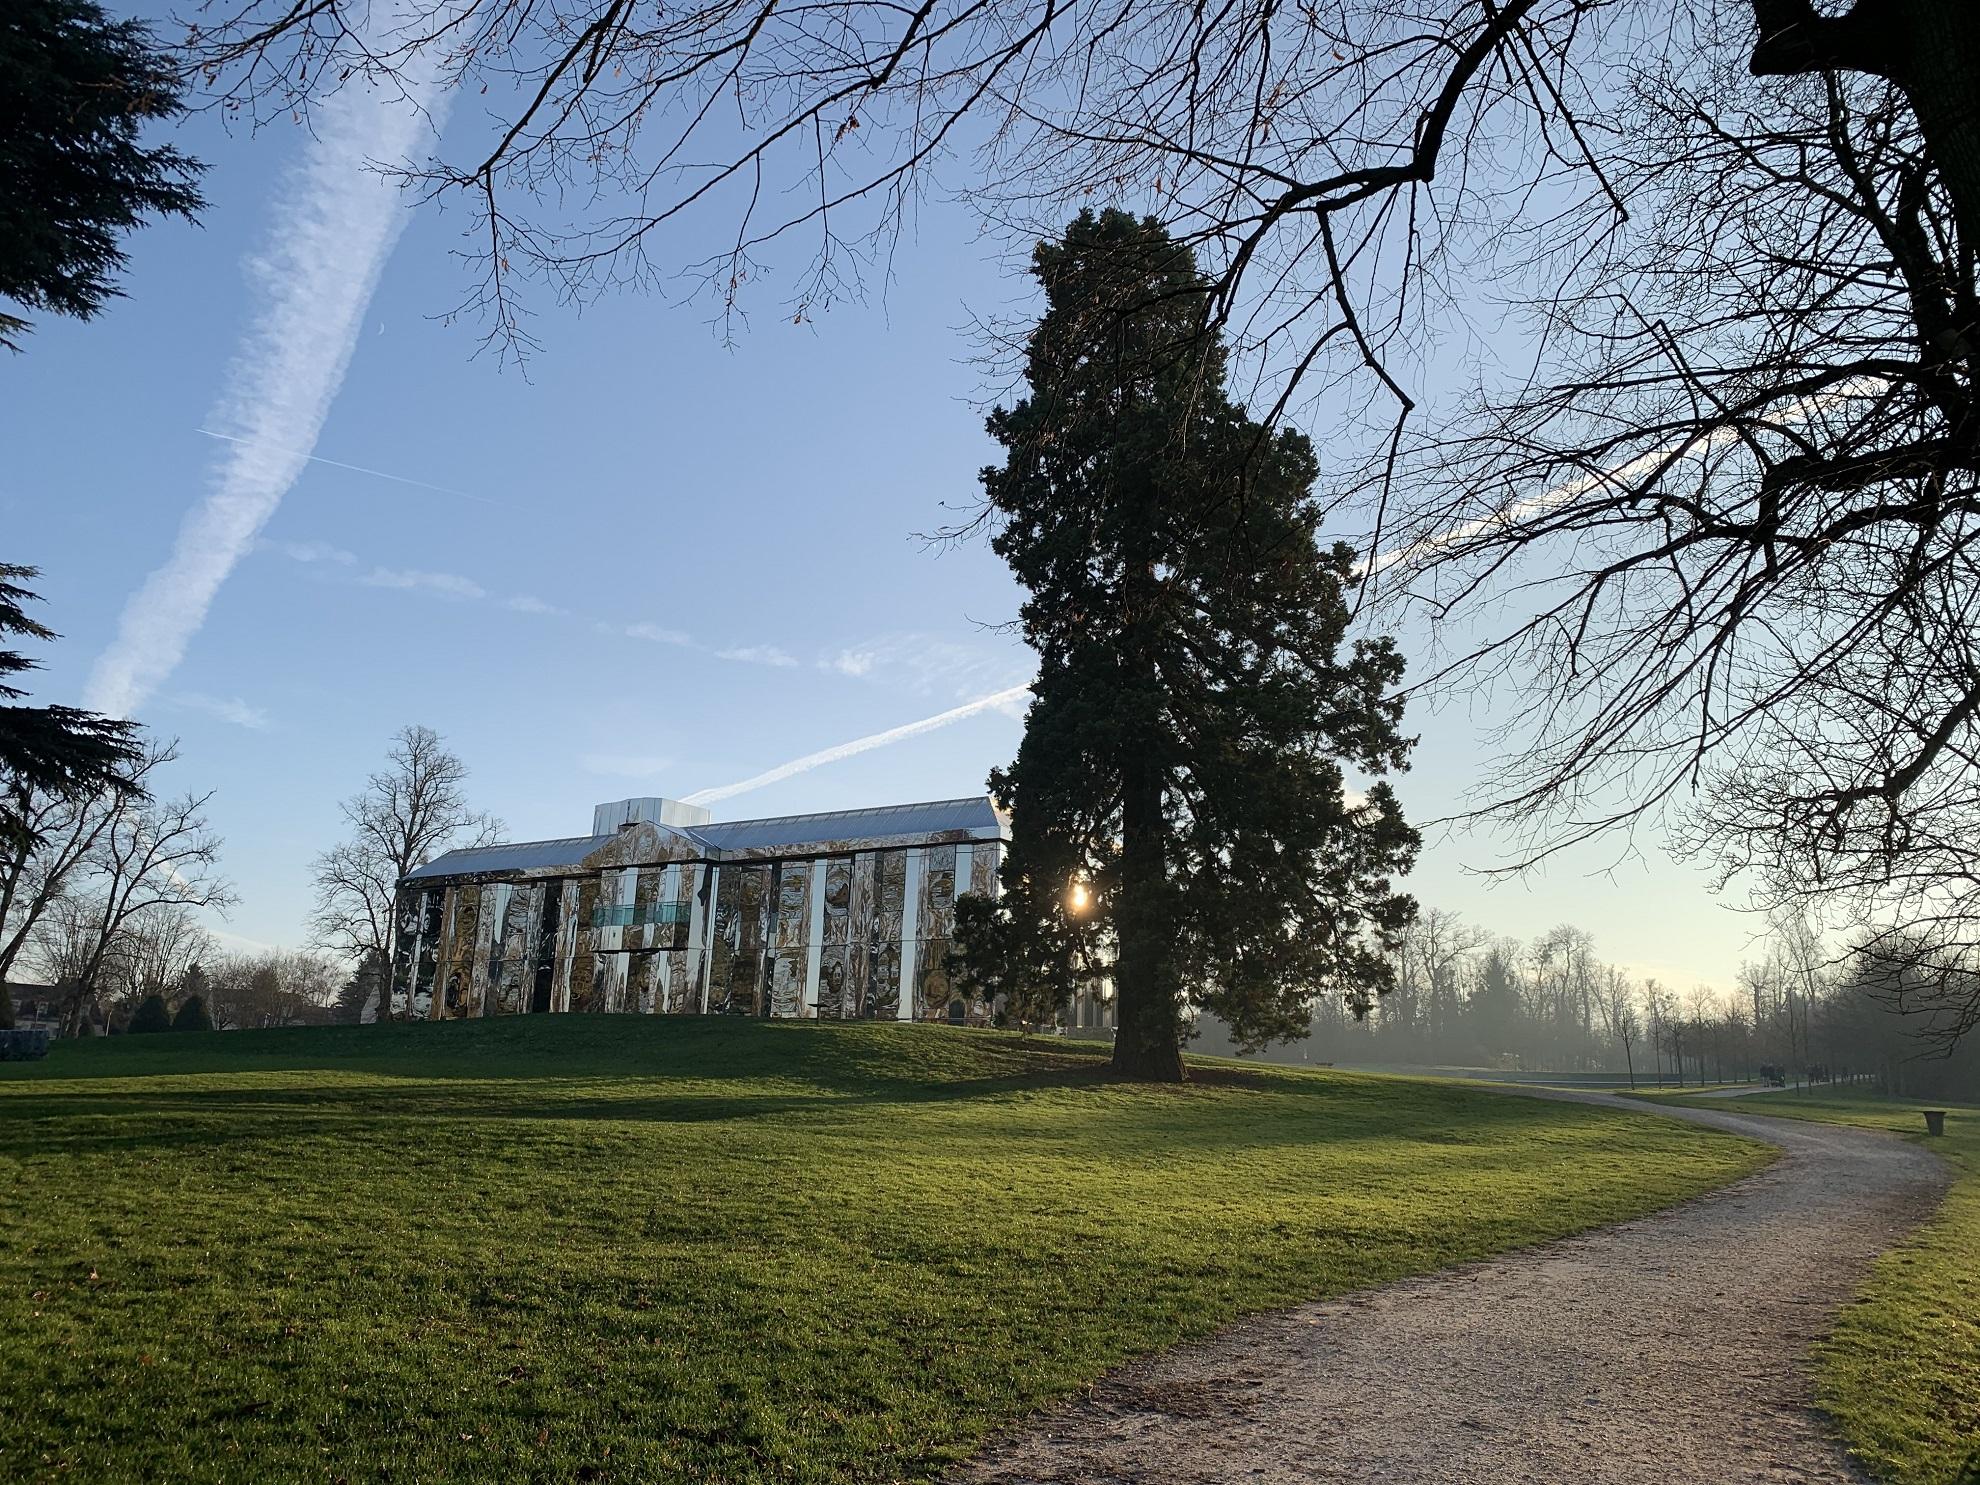 Le Château de Rentilly, une galerie de glaces!